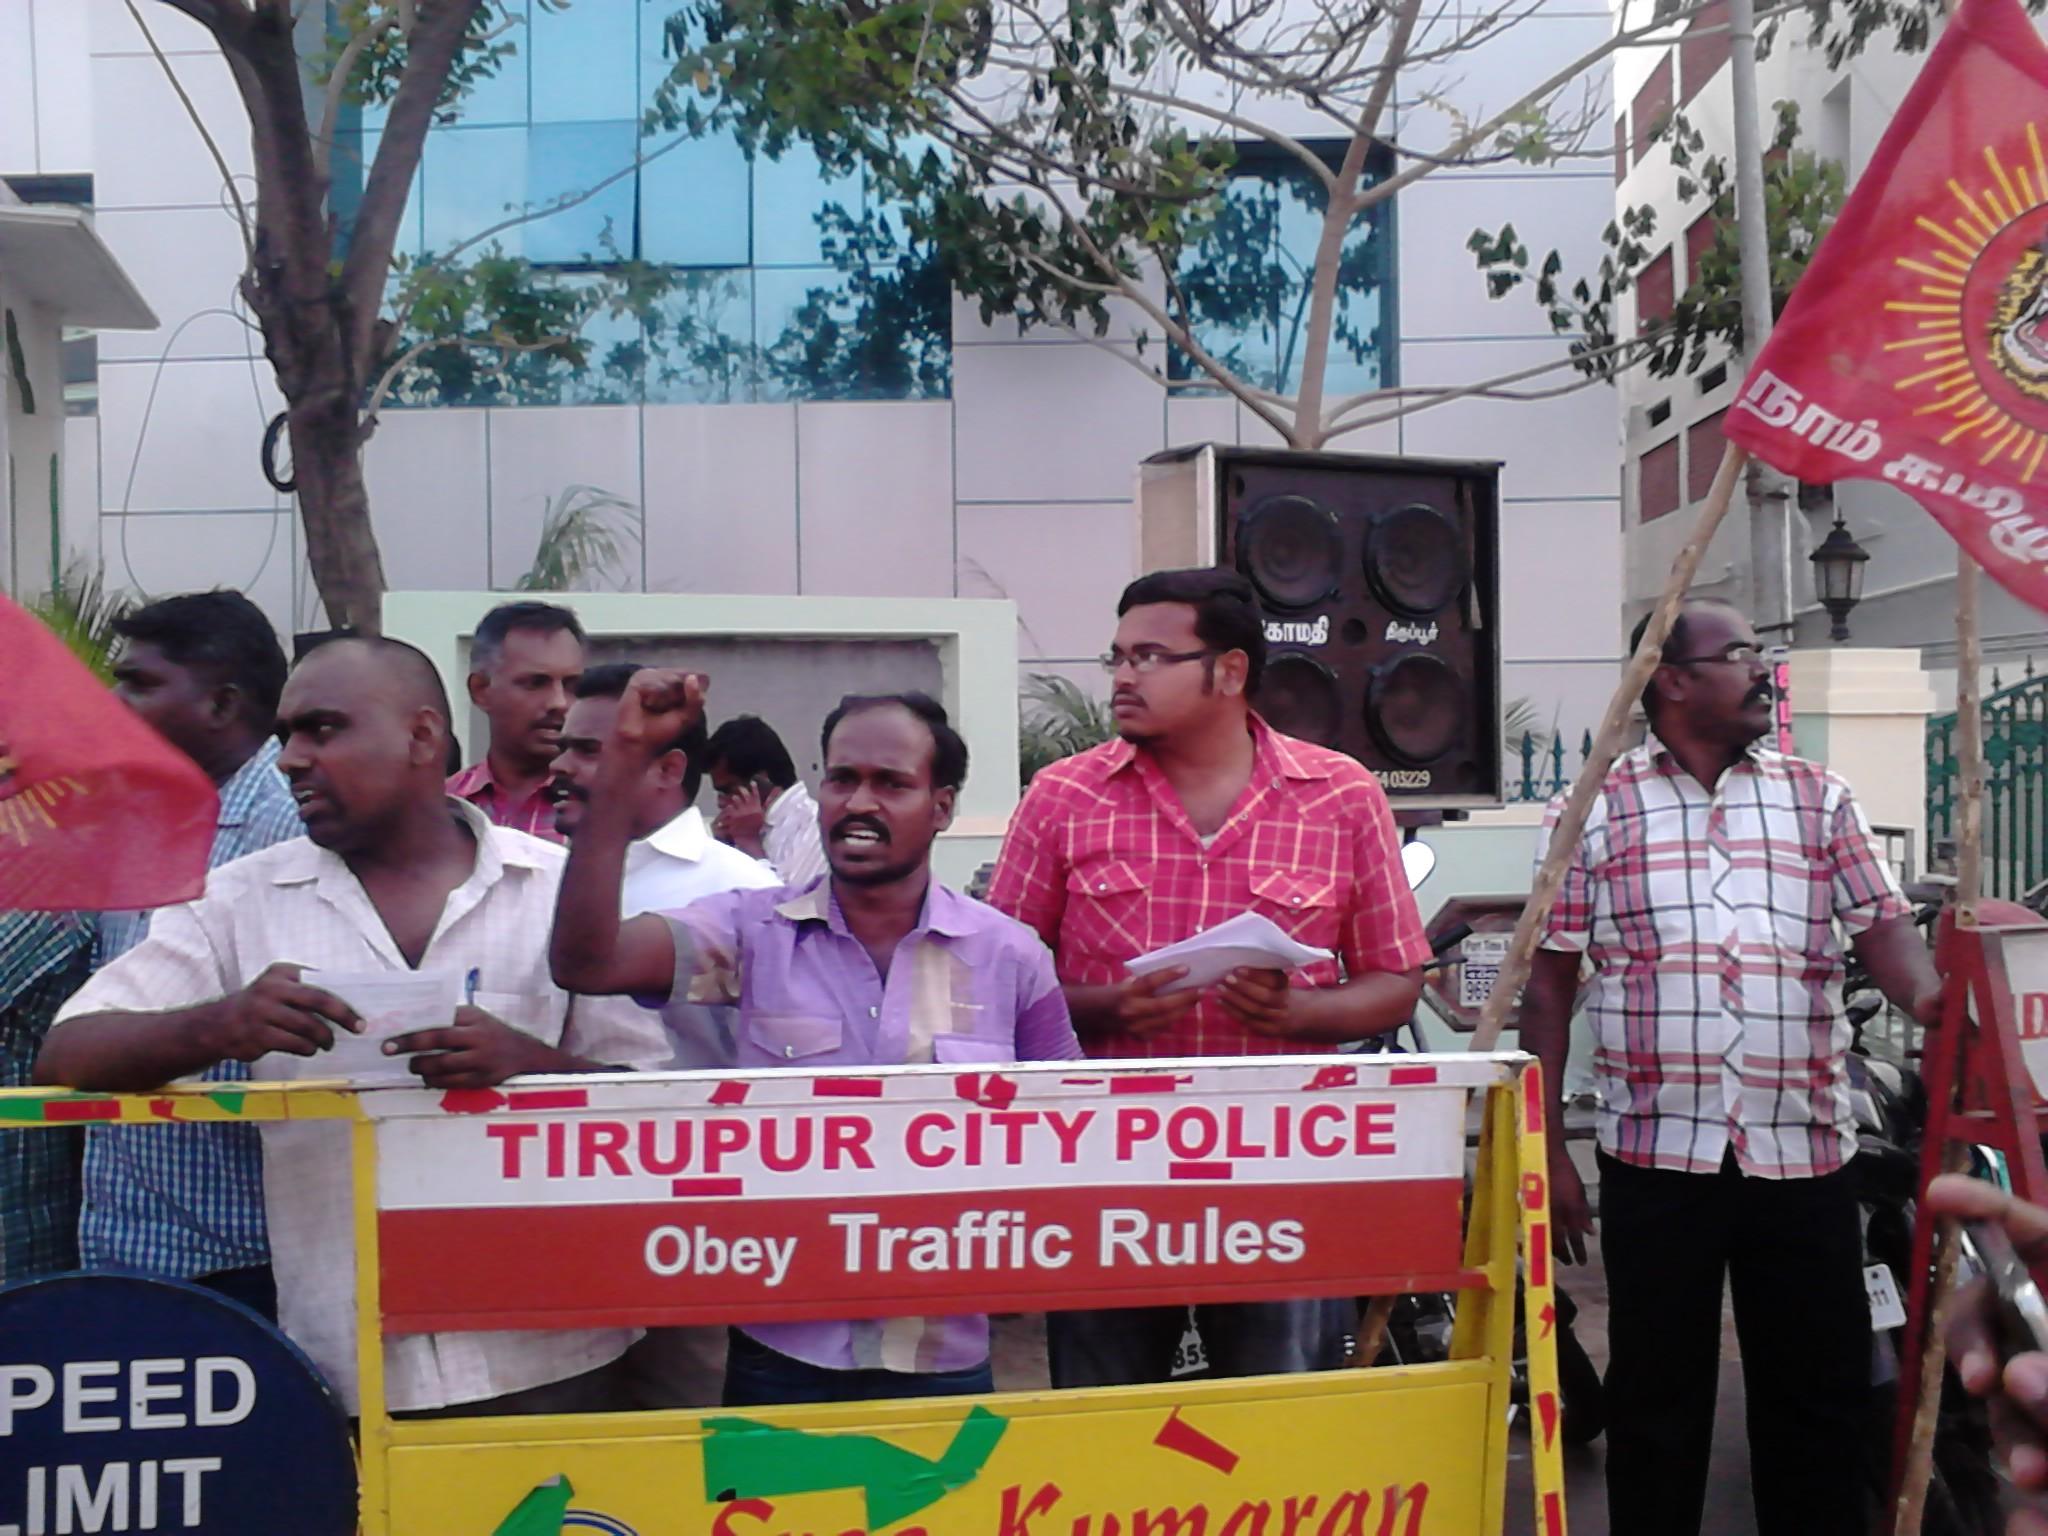 இனப்படுகொலையாளன் ராசபக்சே வருகையை கண்டித்து திருப்பூர் தெற்கு மாவட்டத்தில் ஆர்ப்பாட்டம் DSC 0081